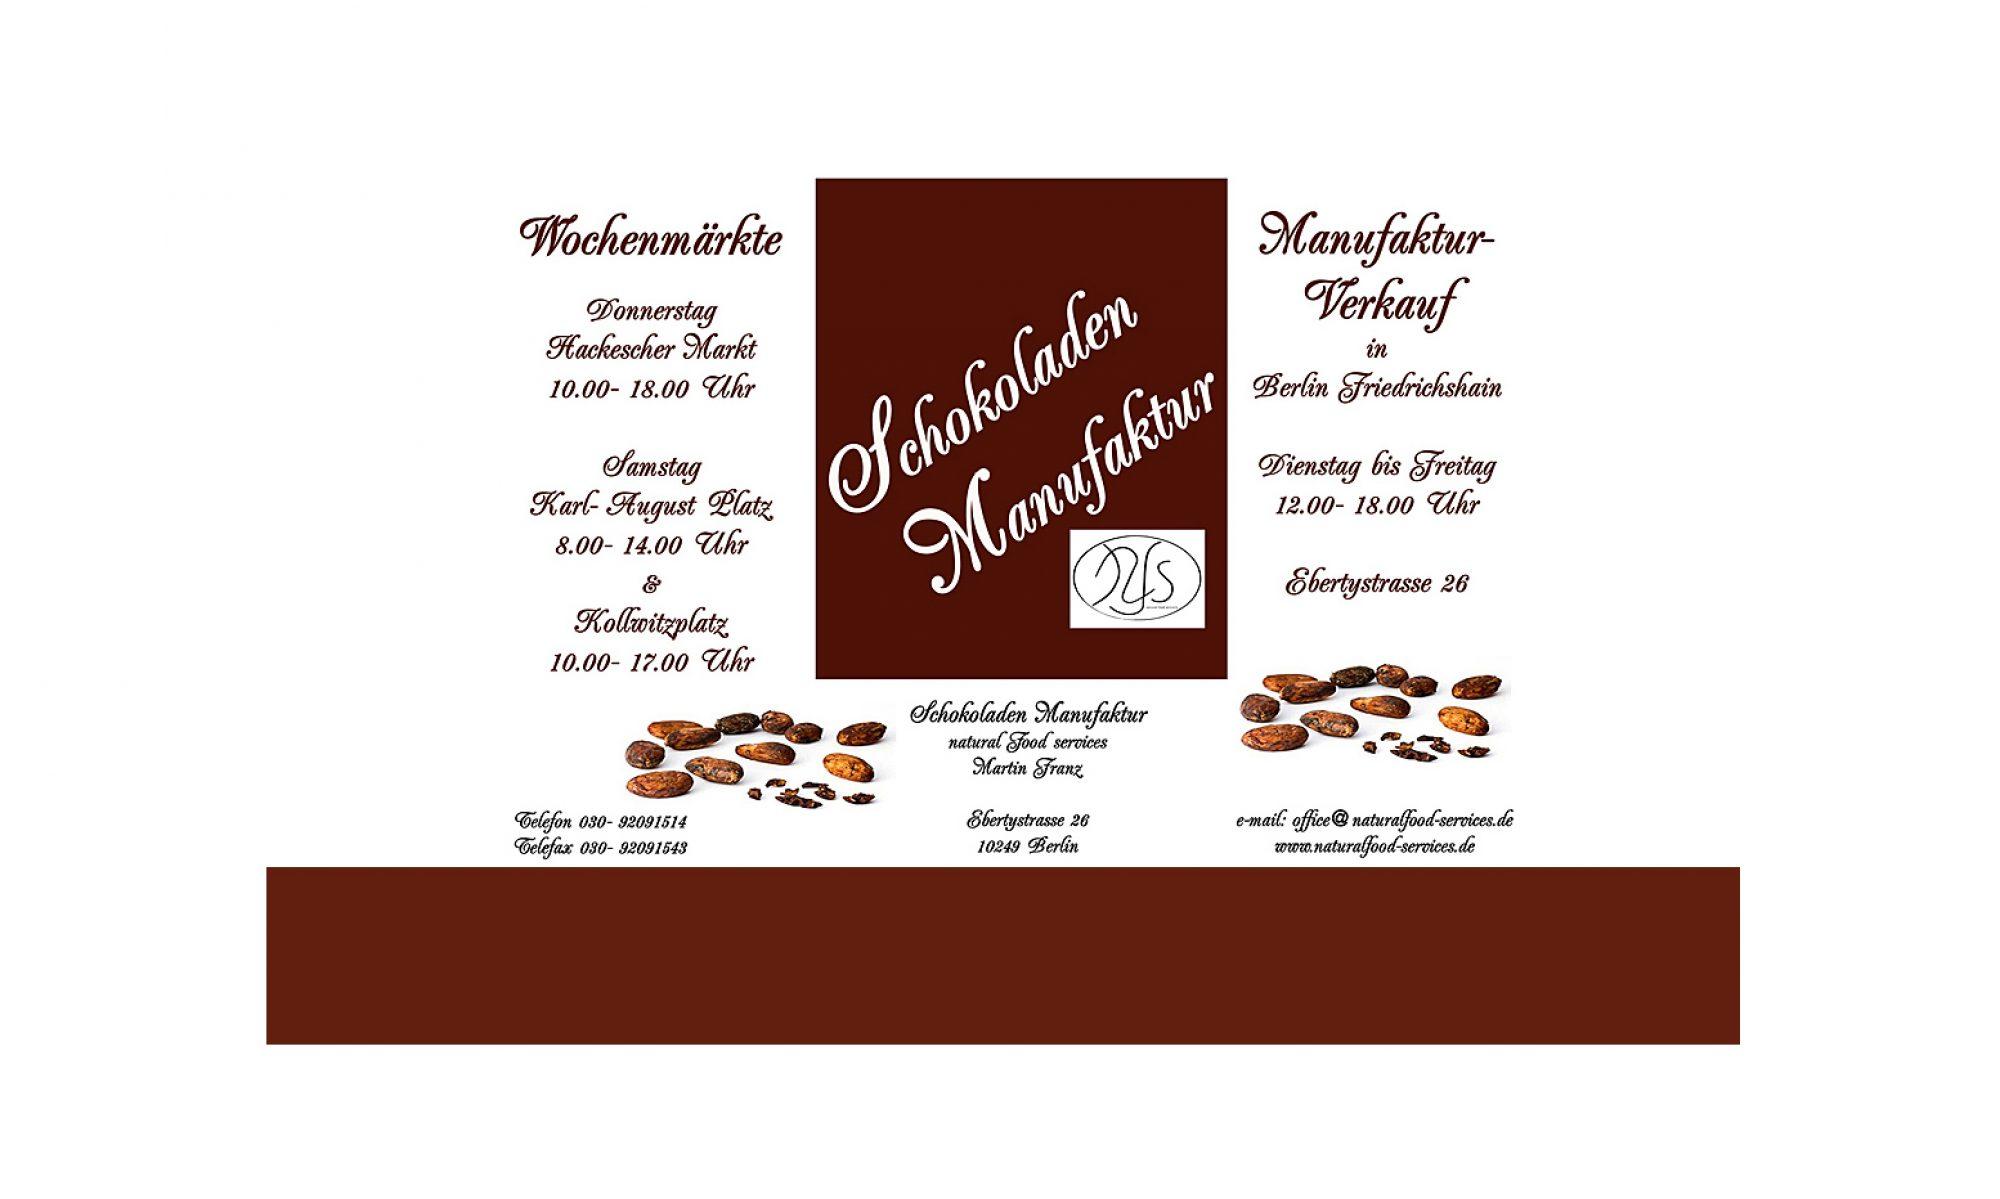 Schokoladenmanufaktur Franz